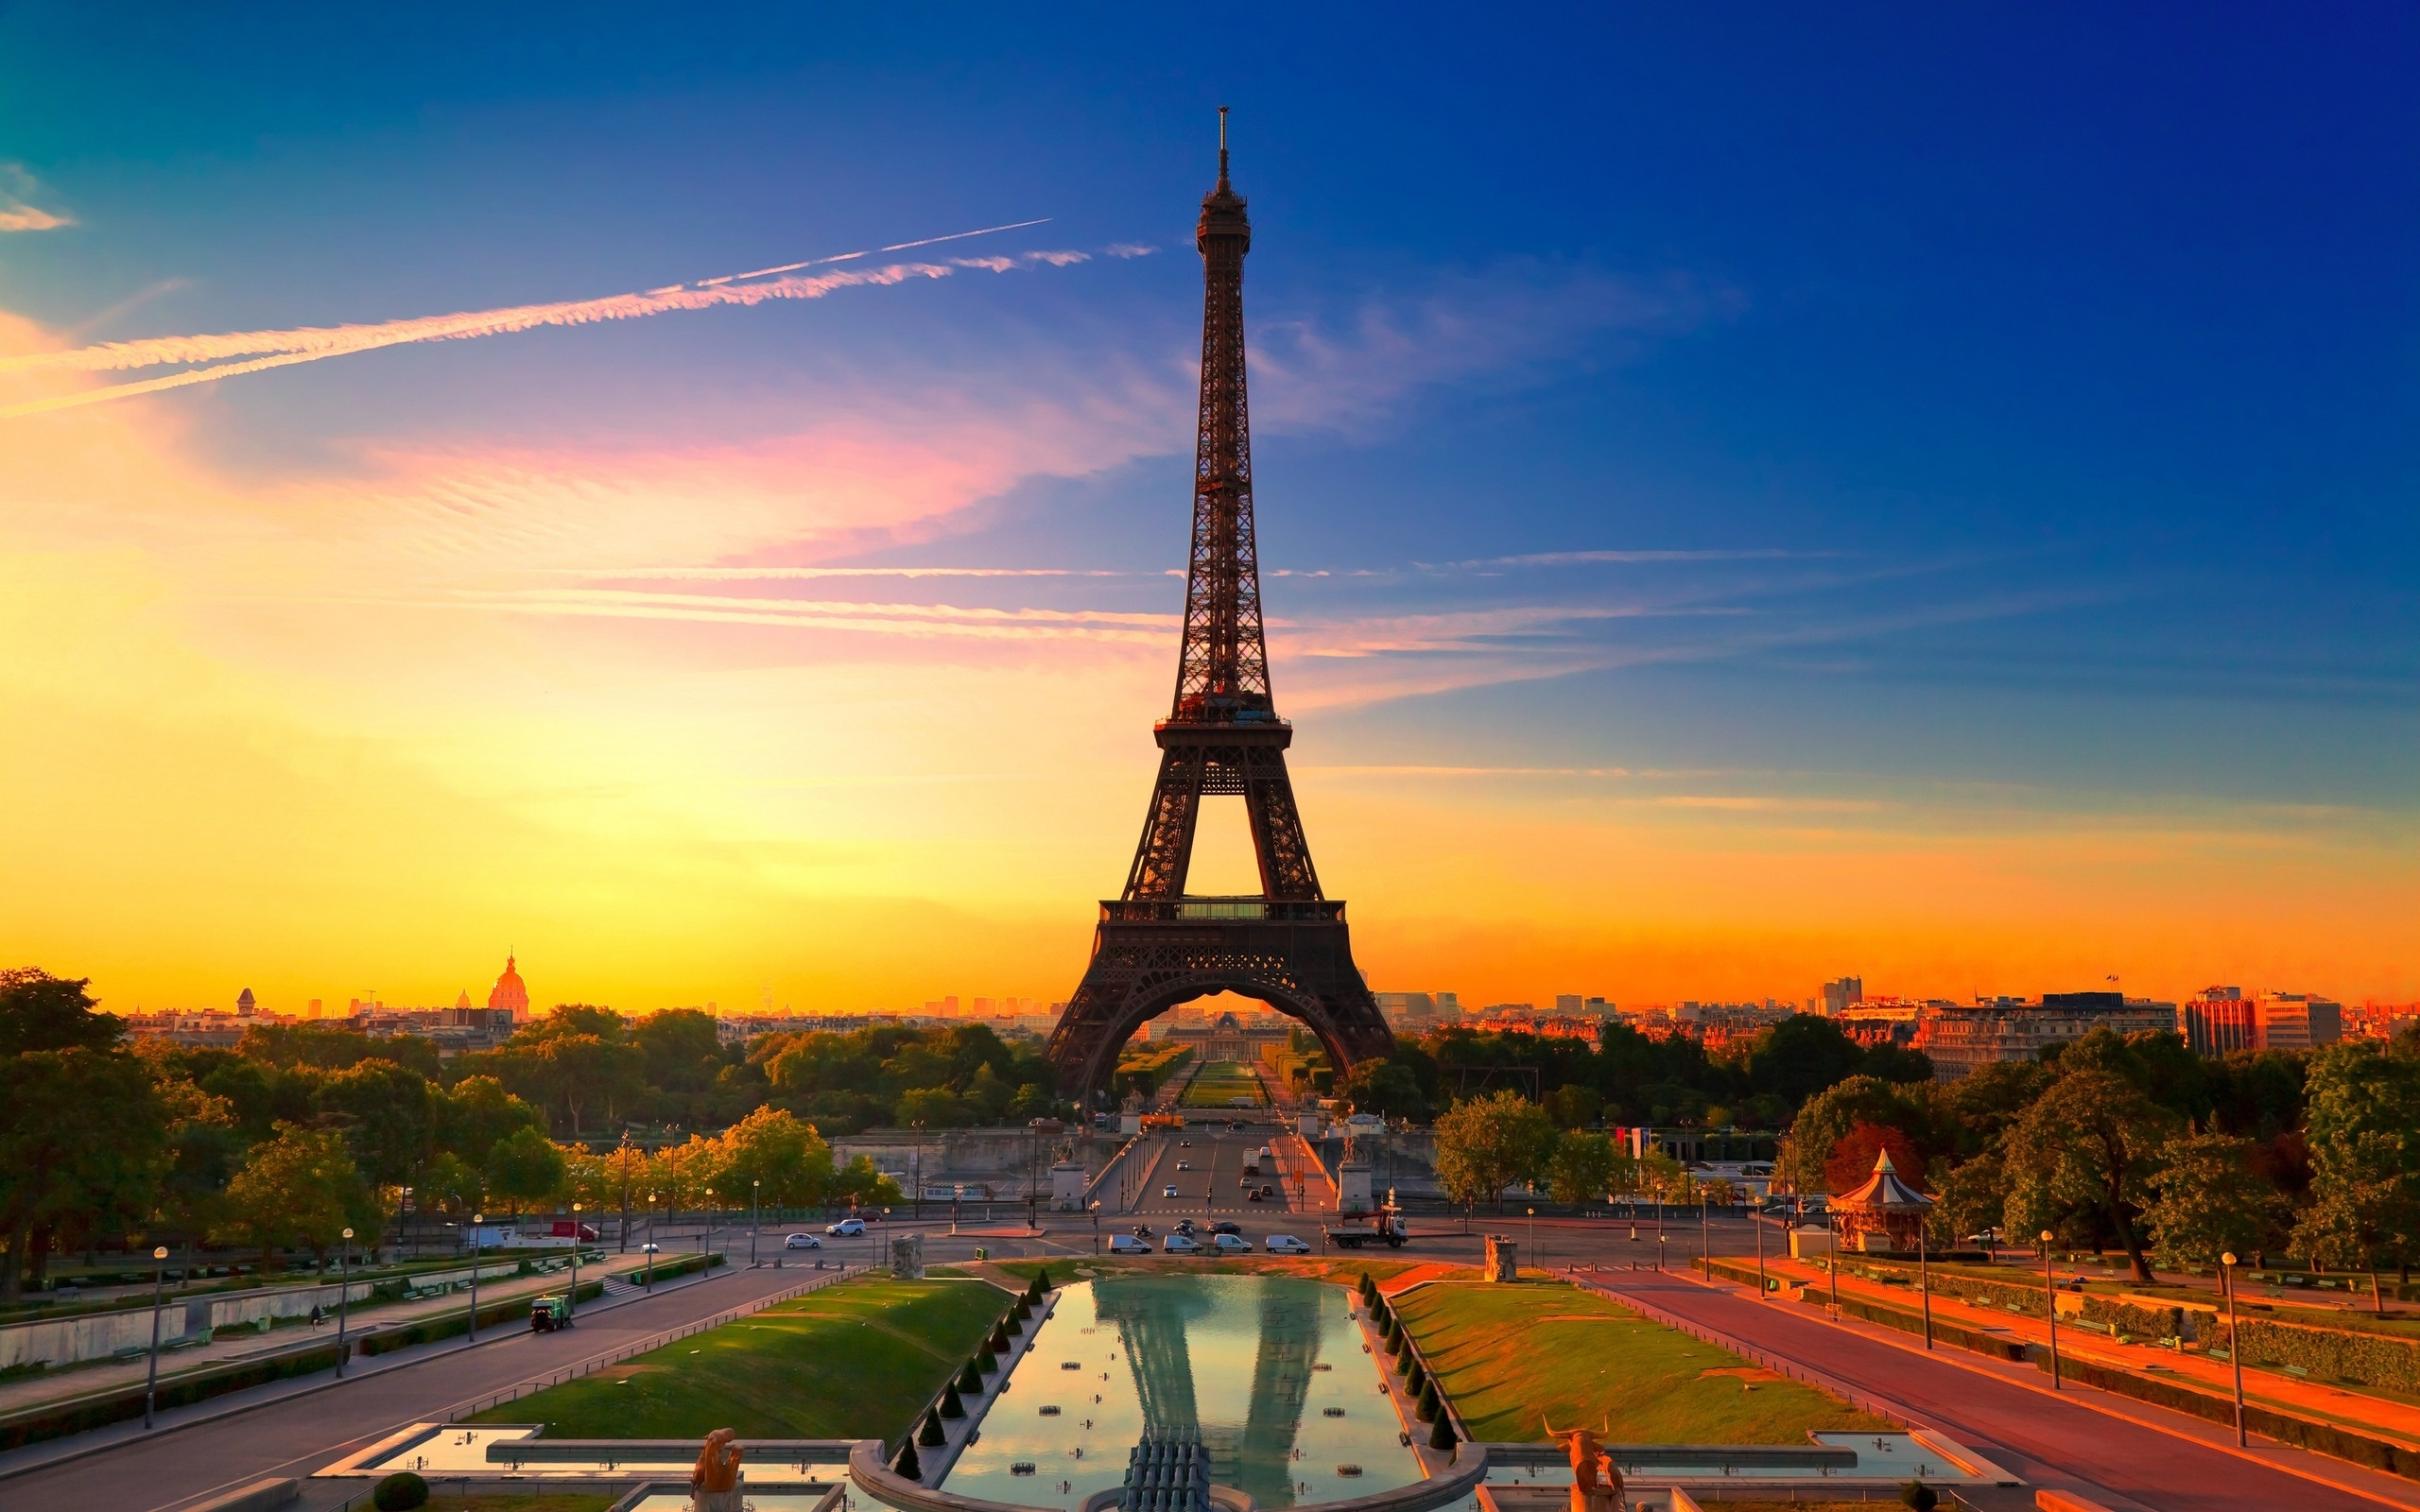 23463壁紙のダウンロード風景, 都市, アーキテクチャ, パリ, エッフェル塔-スクリーンセーバーと写真を無料で